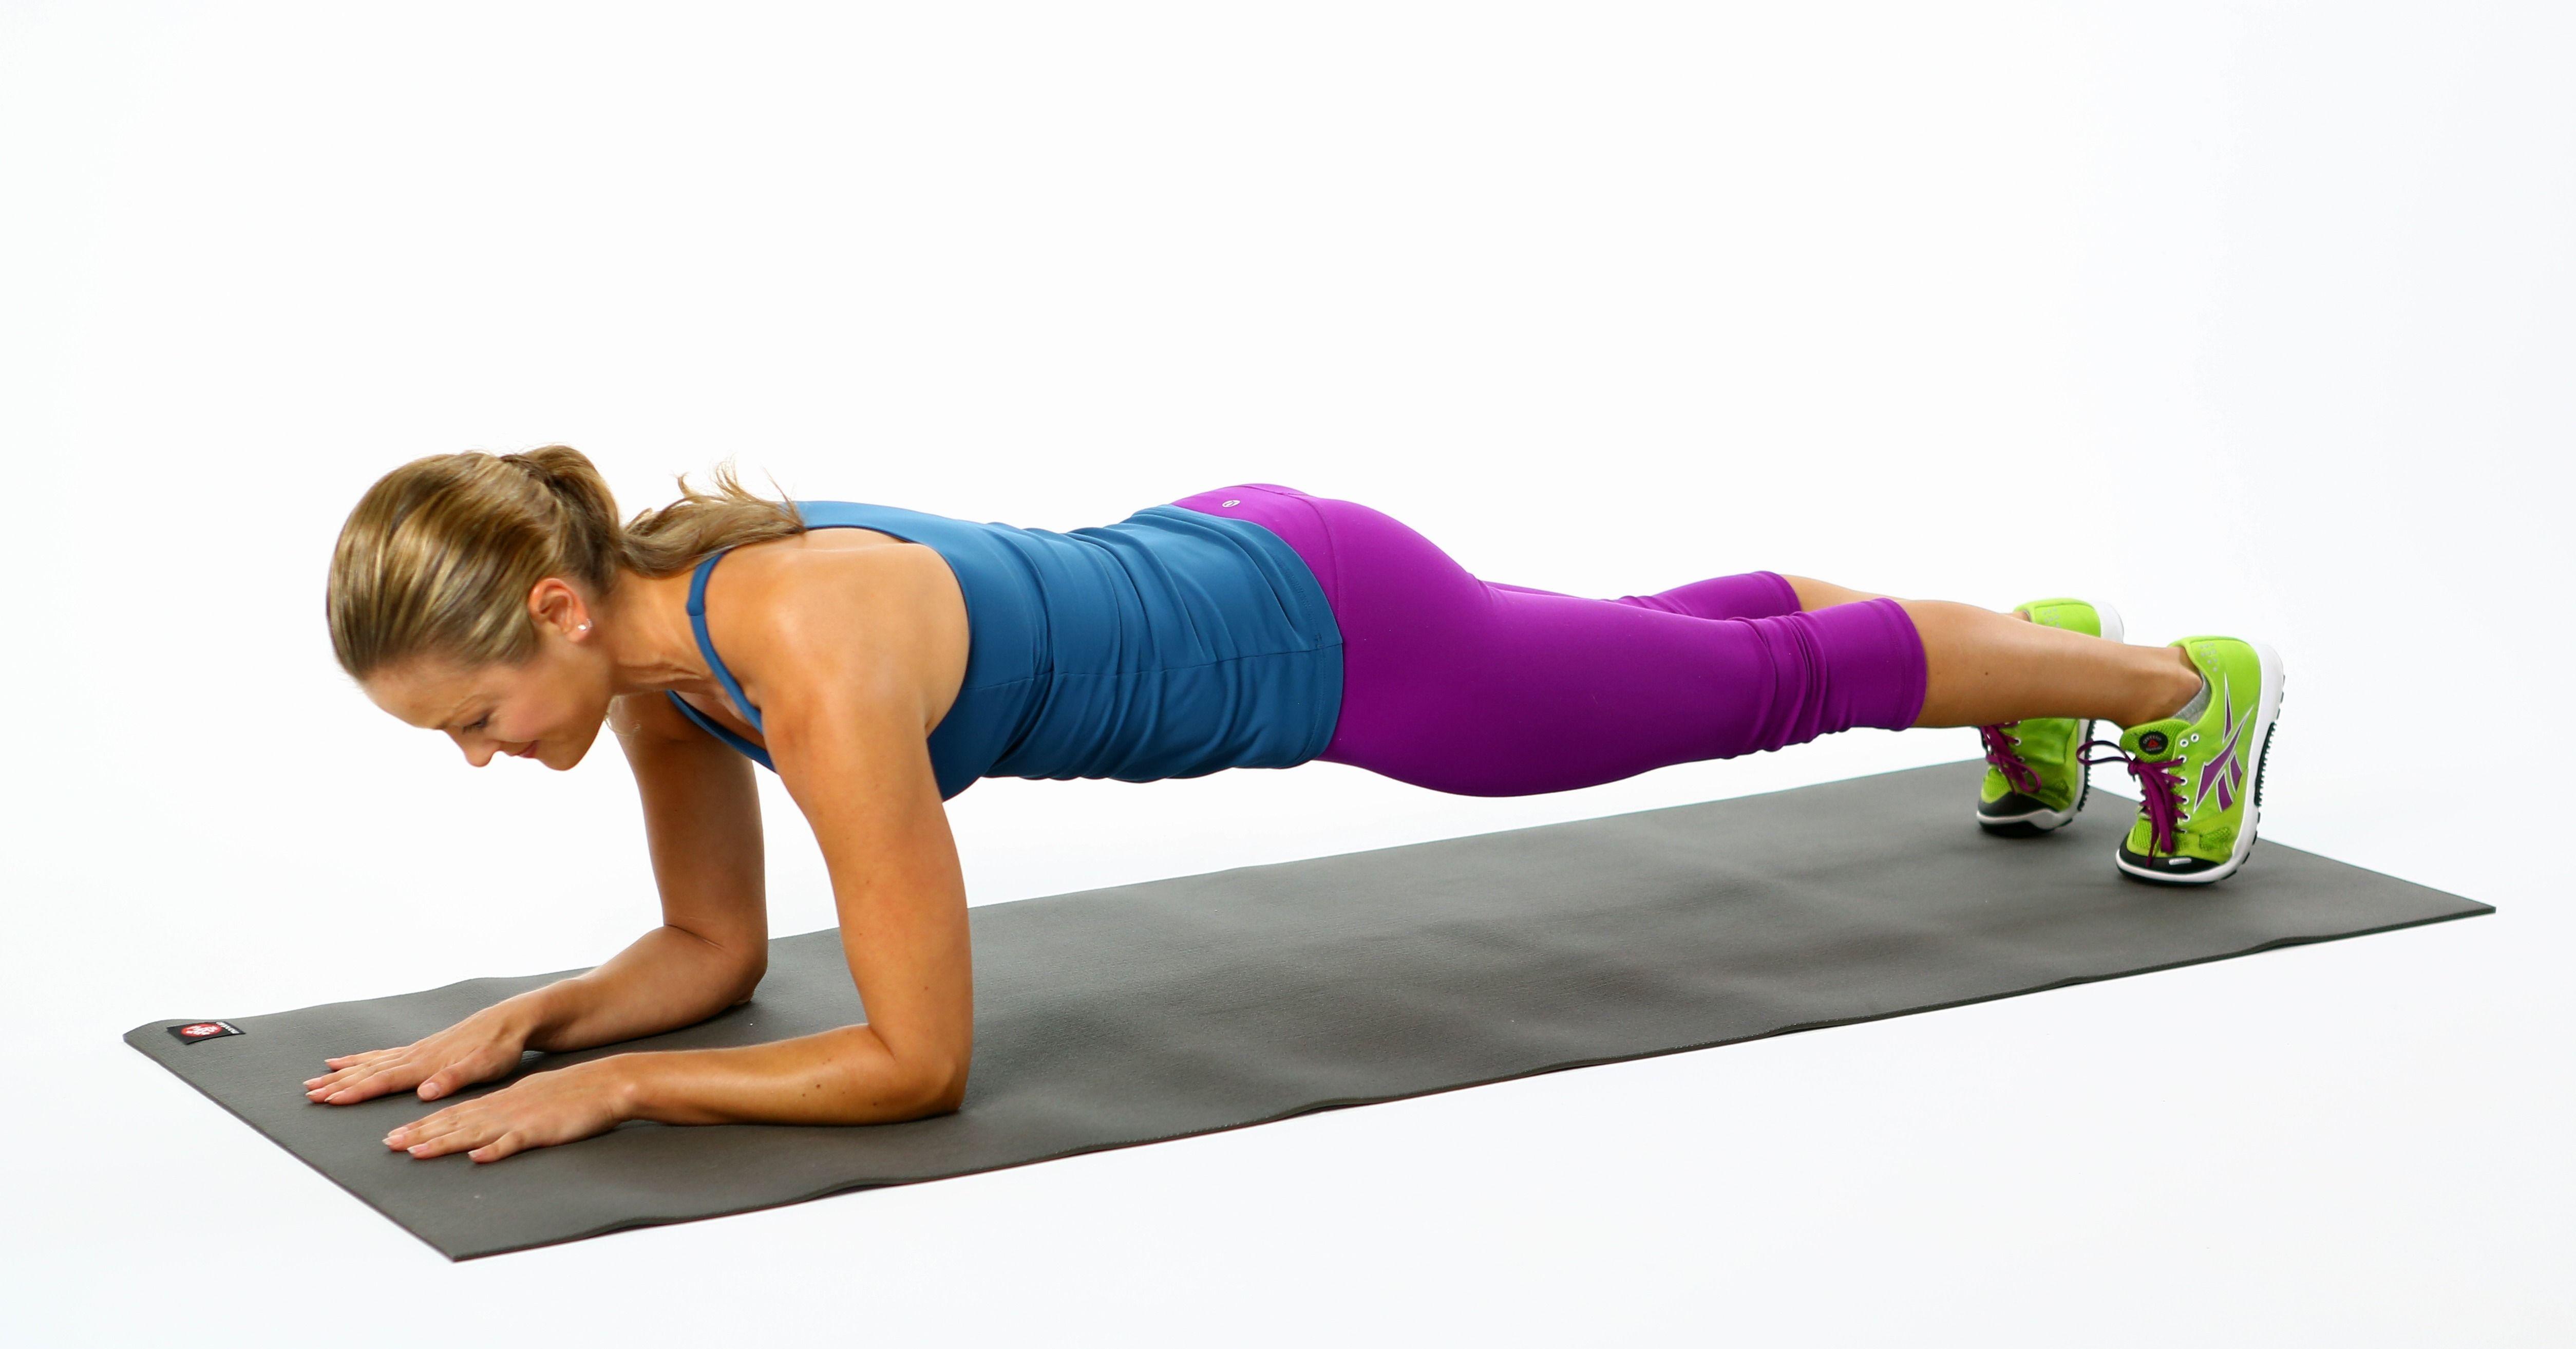 Top 8 bài tập thể dục giảm mở bụng toàn thân tại nhà cho mấy chế - ảnh 3.